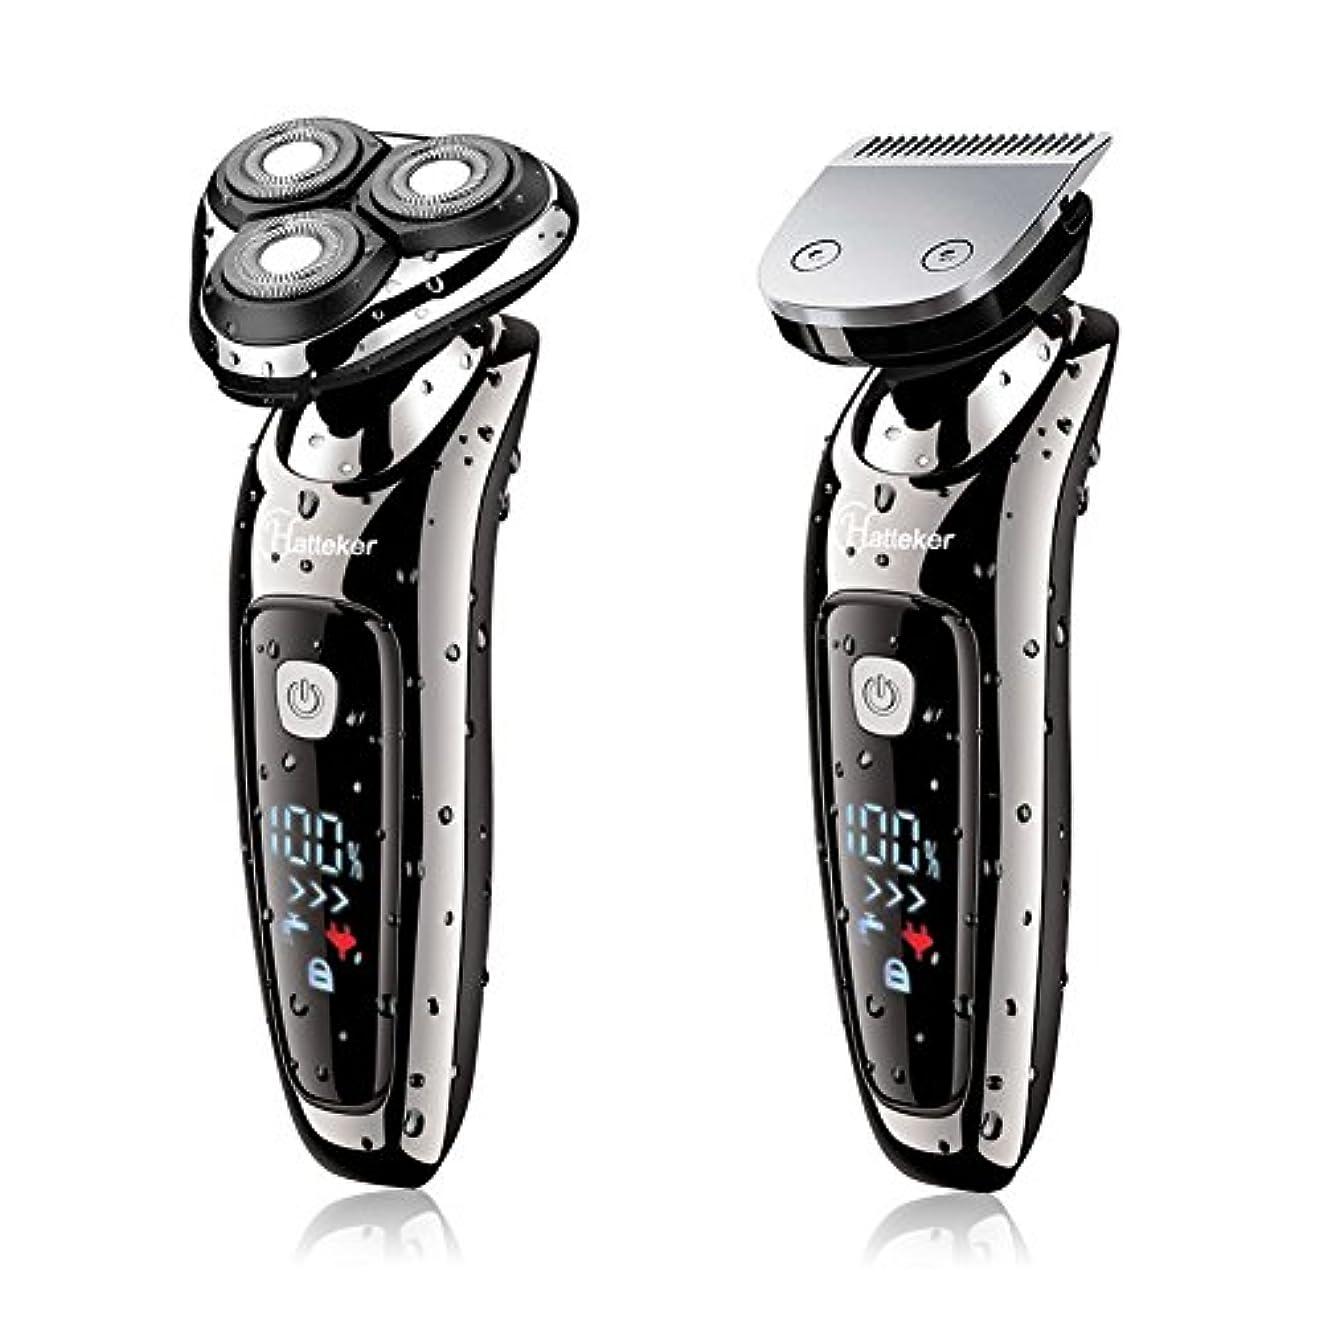 ピンポイント盆キロメートルHATTEKER 電気シェーバー メンズ ひげ剃り充電式·交流式 バリカン/ヒゲ トリマーヘッド付き LEDディスプレイ 水洗いOK